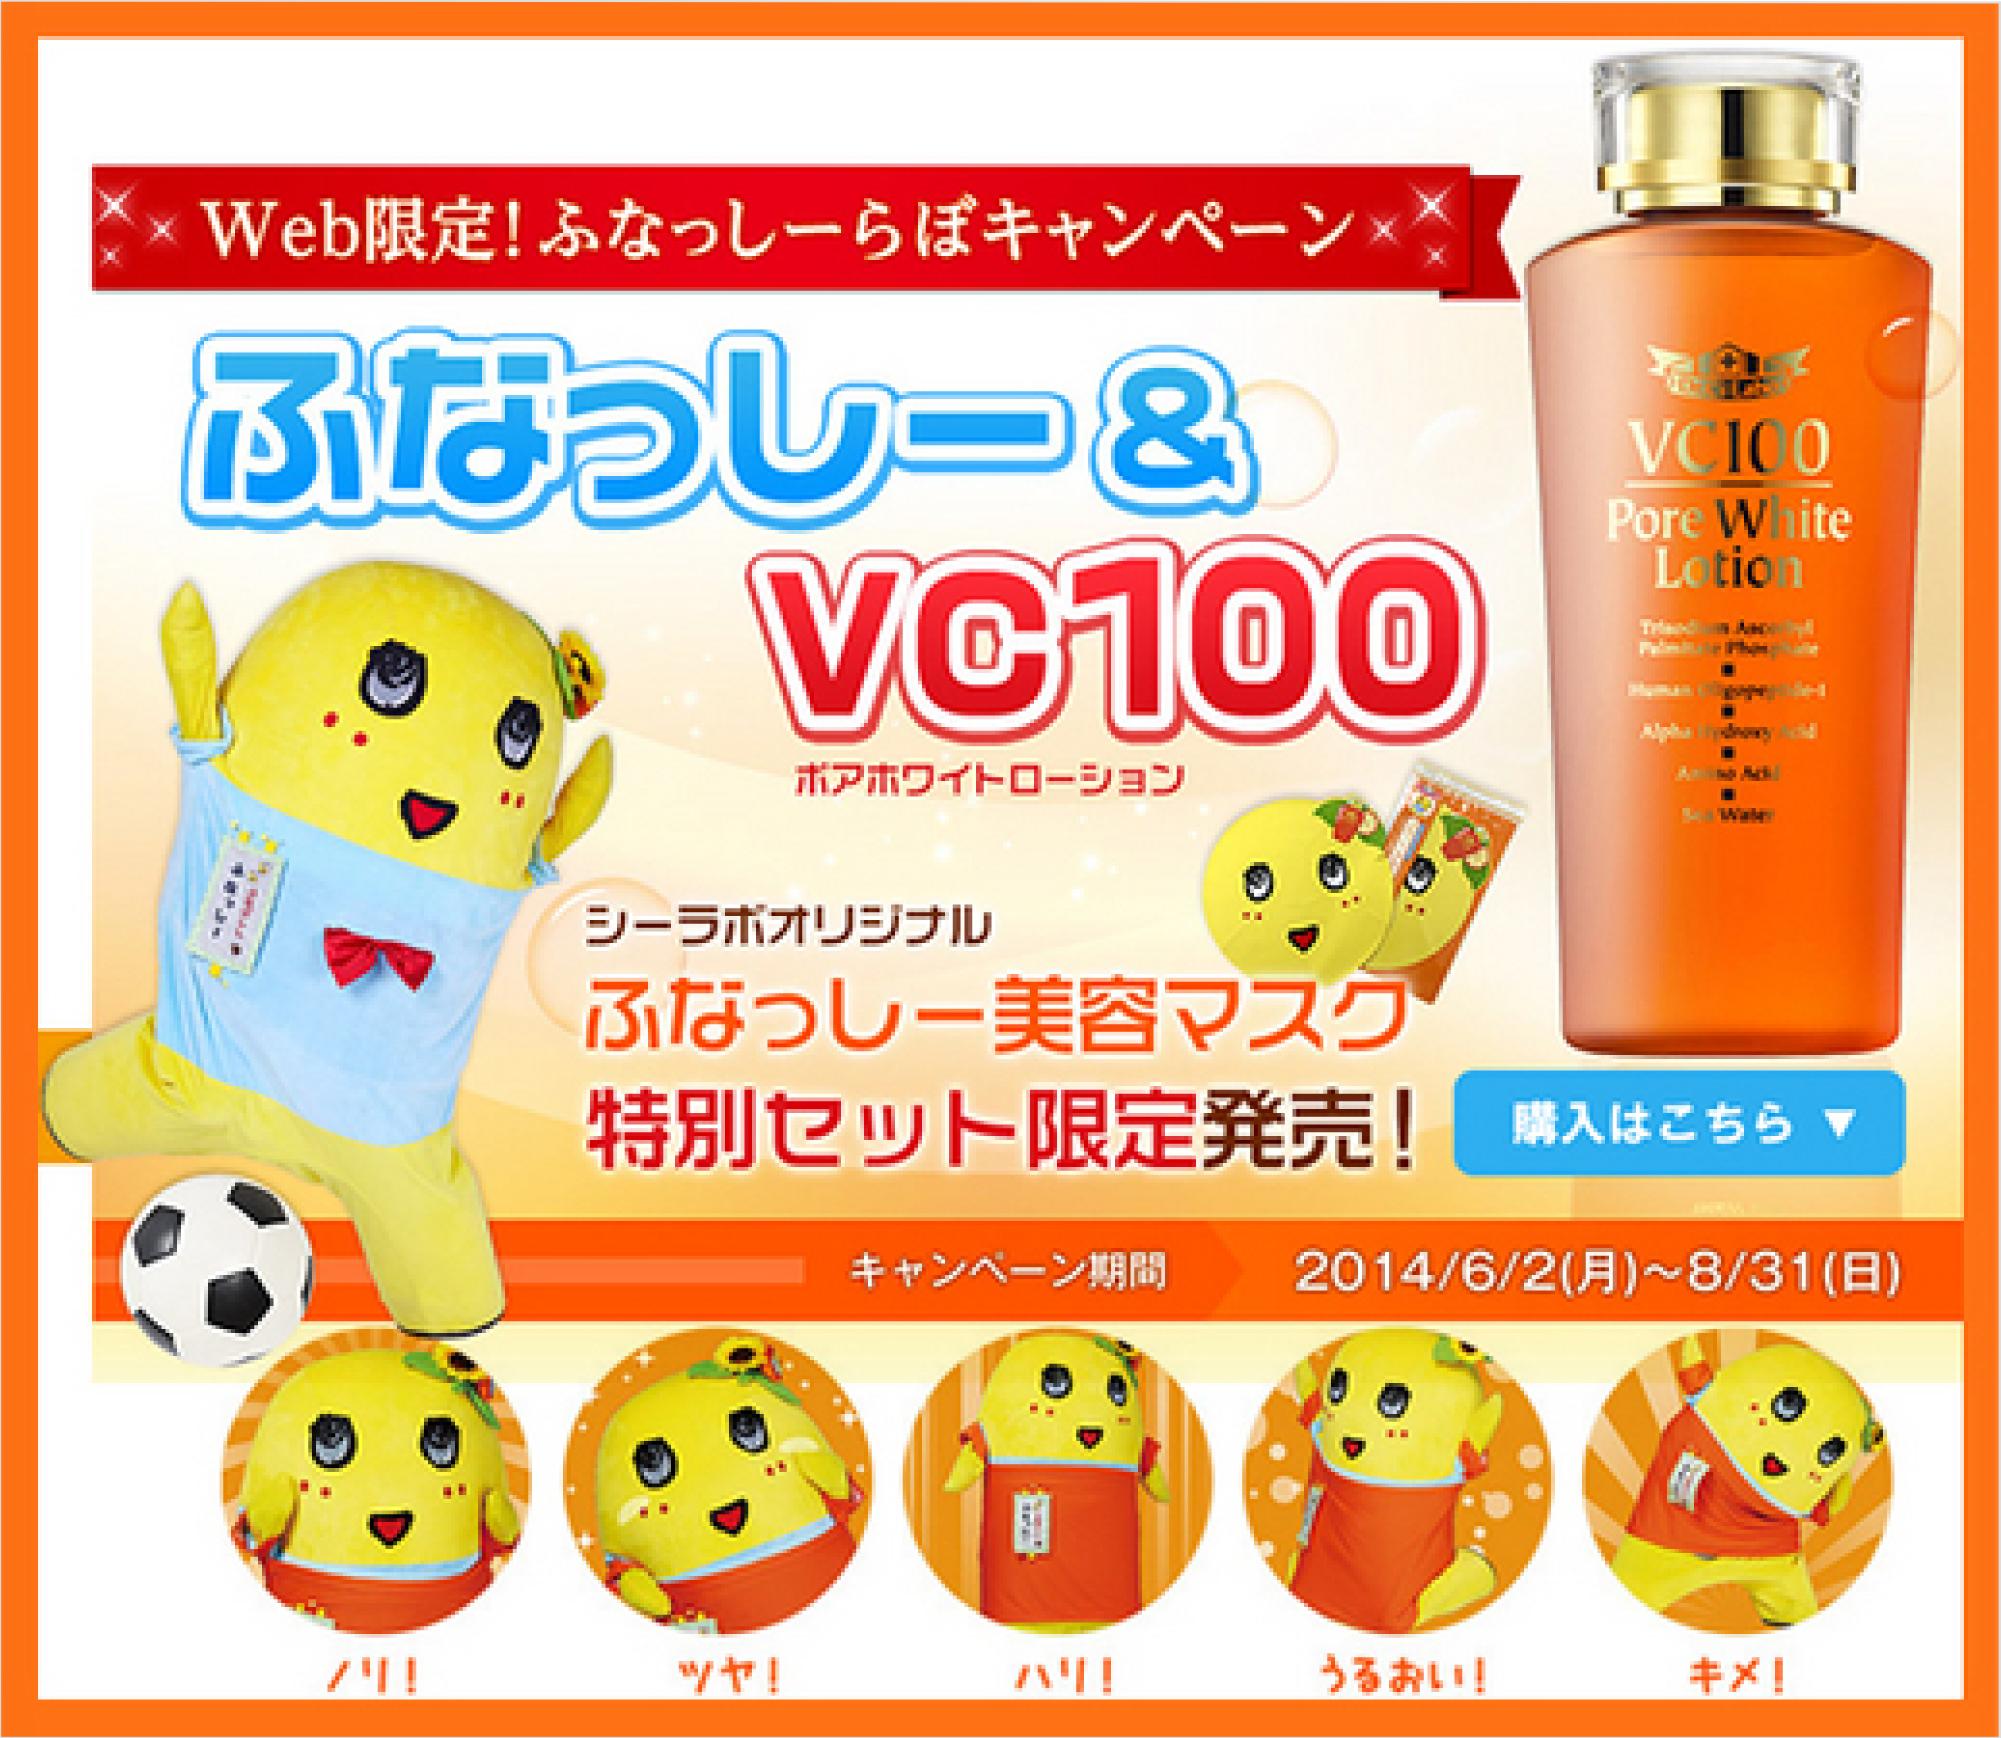 ふなっしー&VC100